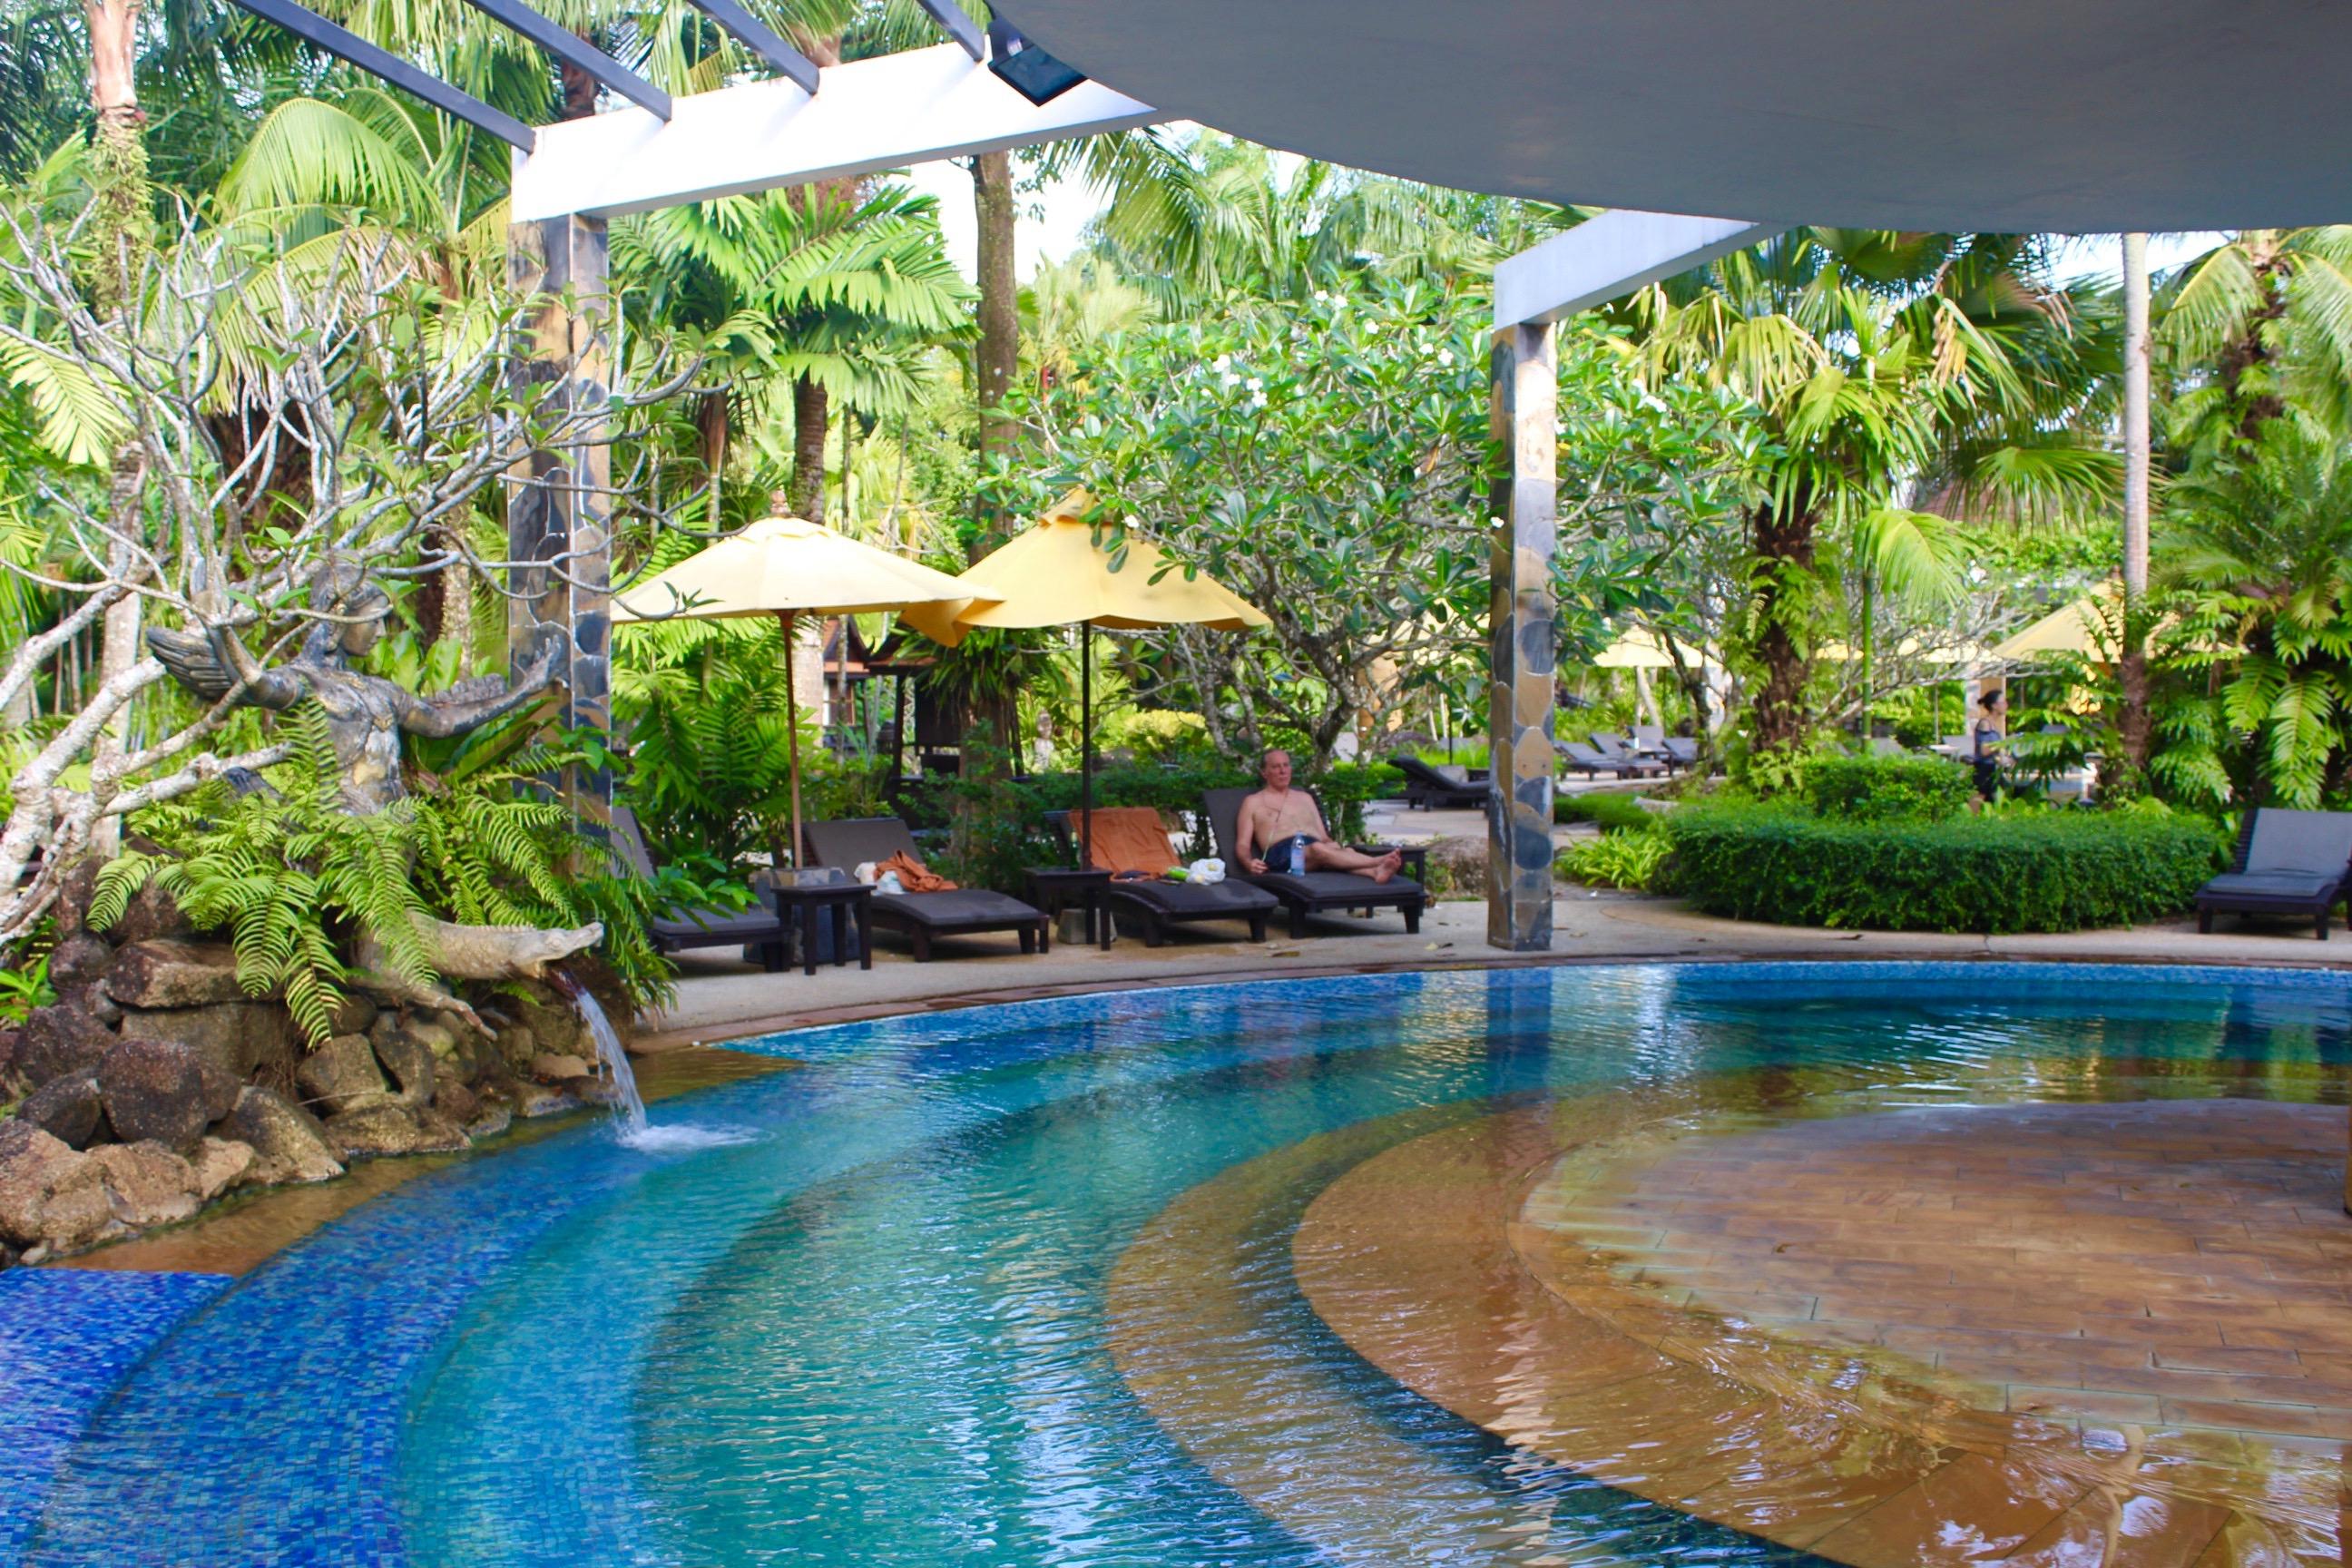 Le Terme Provincia di phang nga: Una giornata nella Baia piu bella della Thailandia